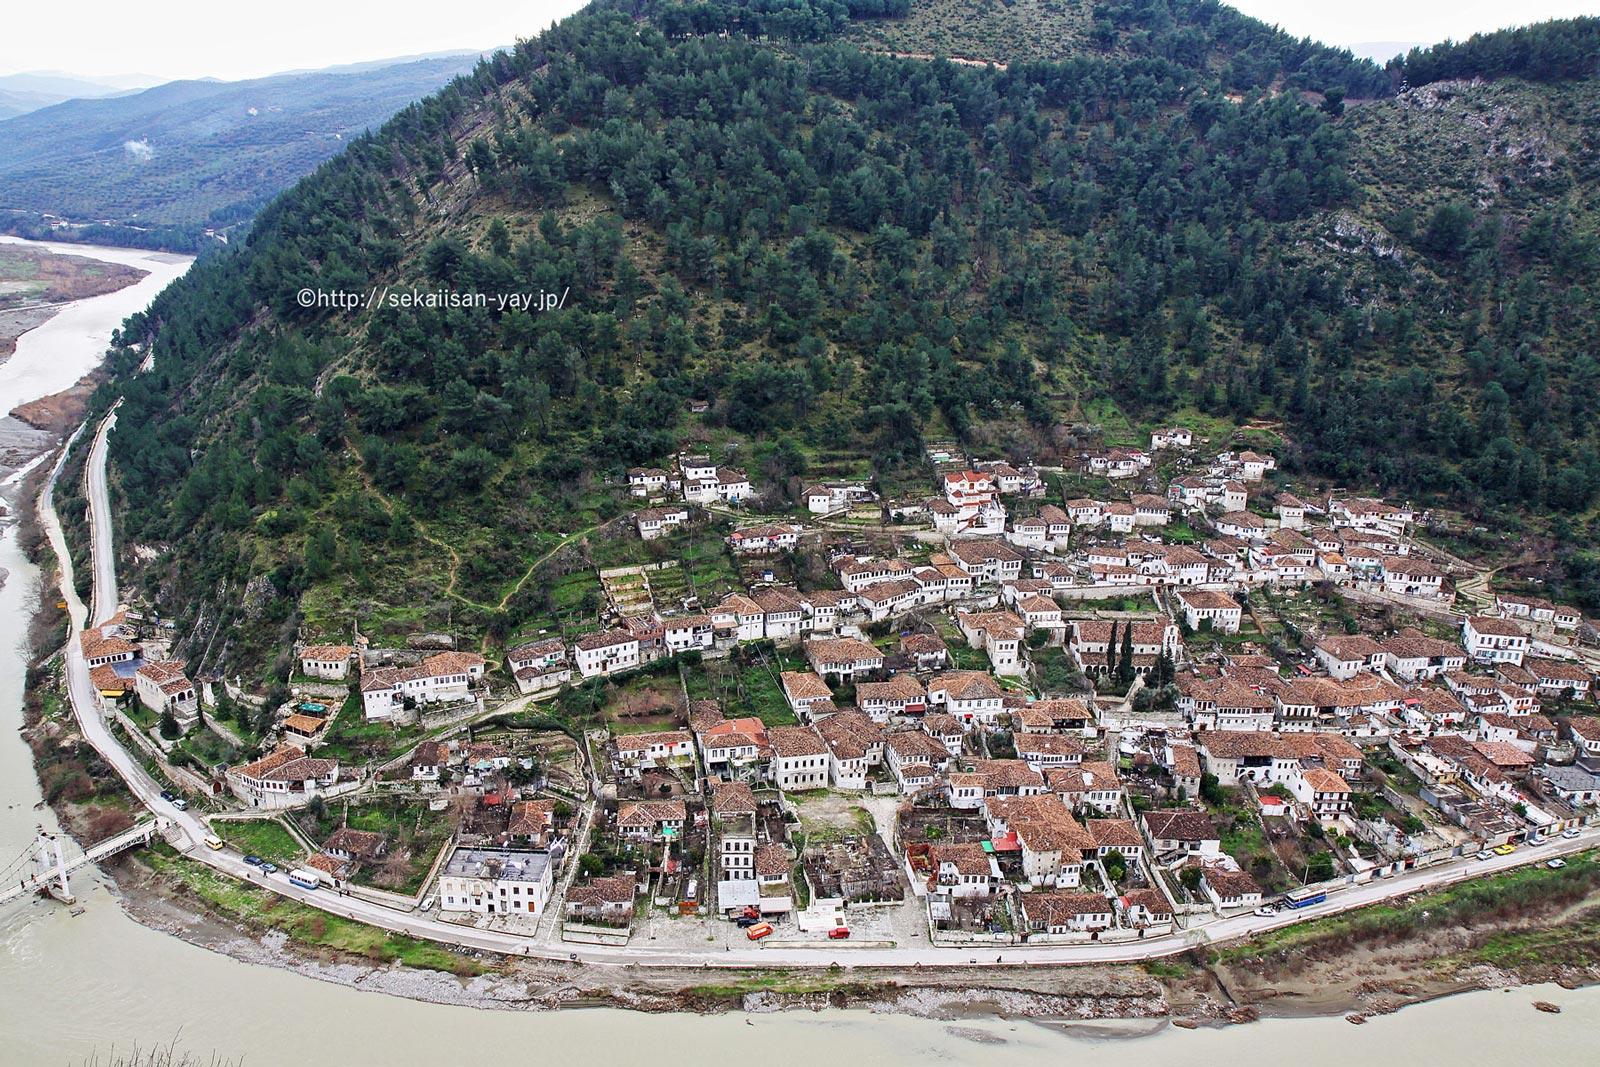 アルバニア「ベラットとギロカストラの歴史地区」